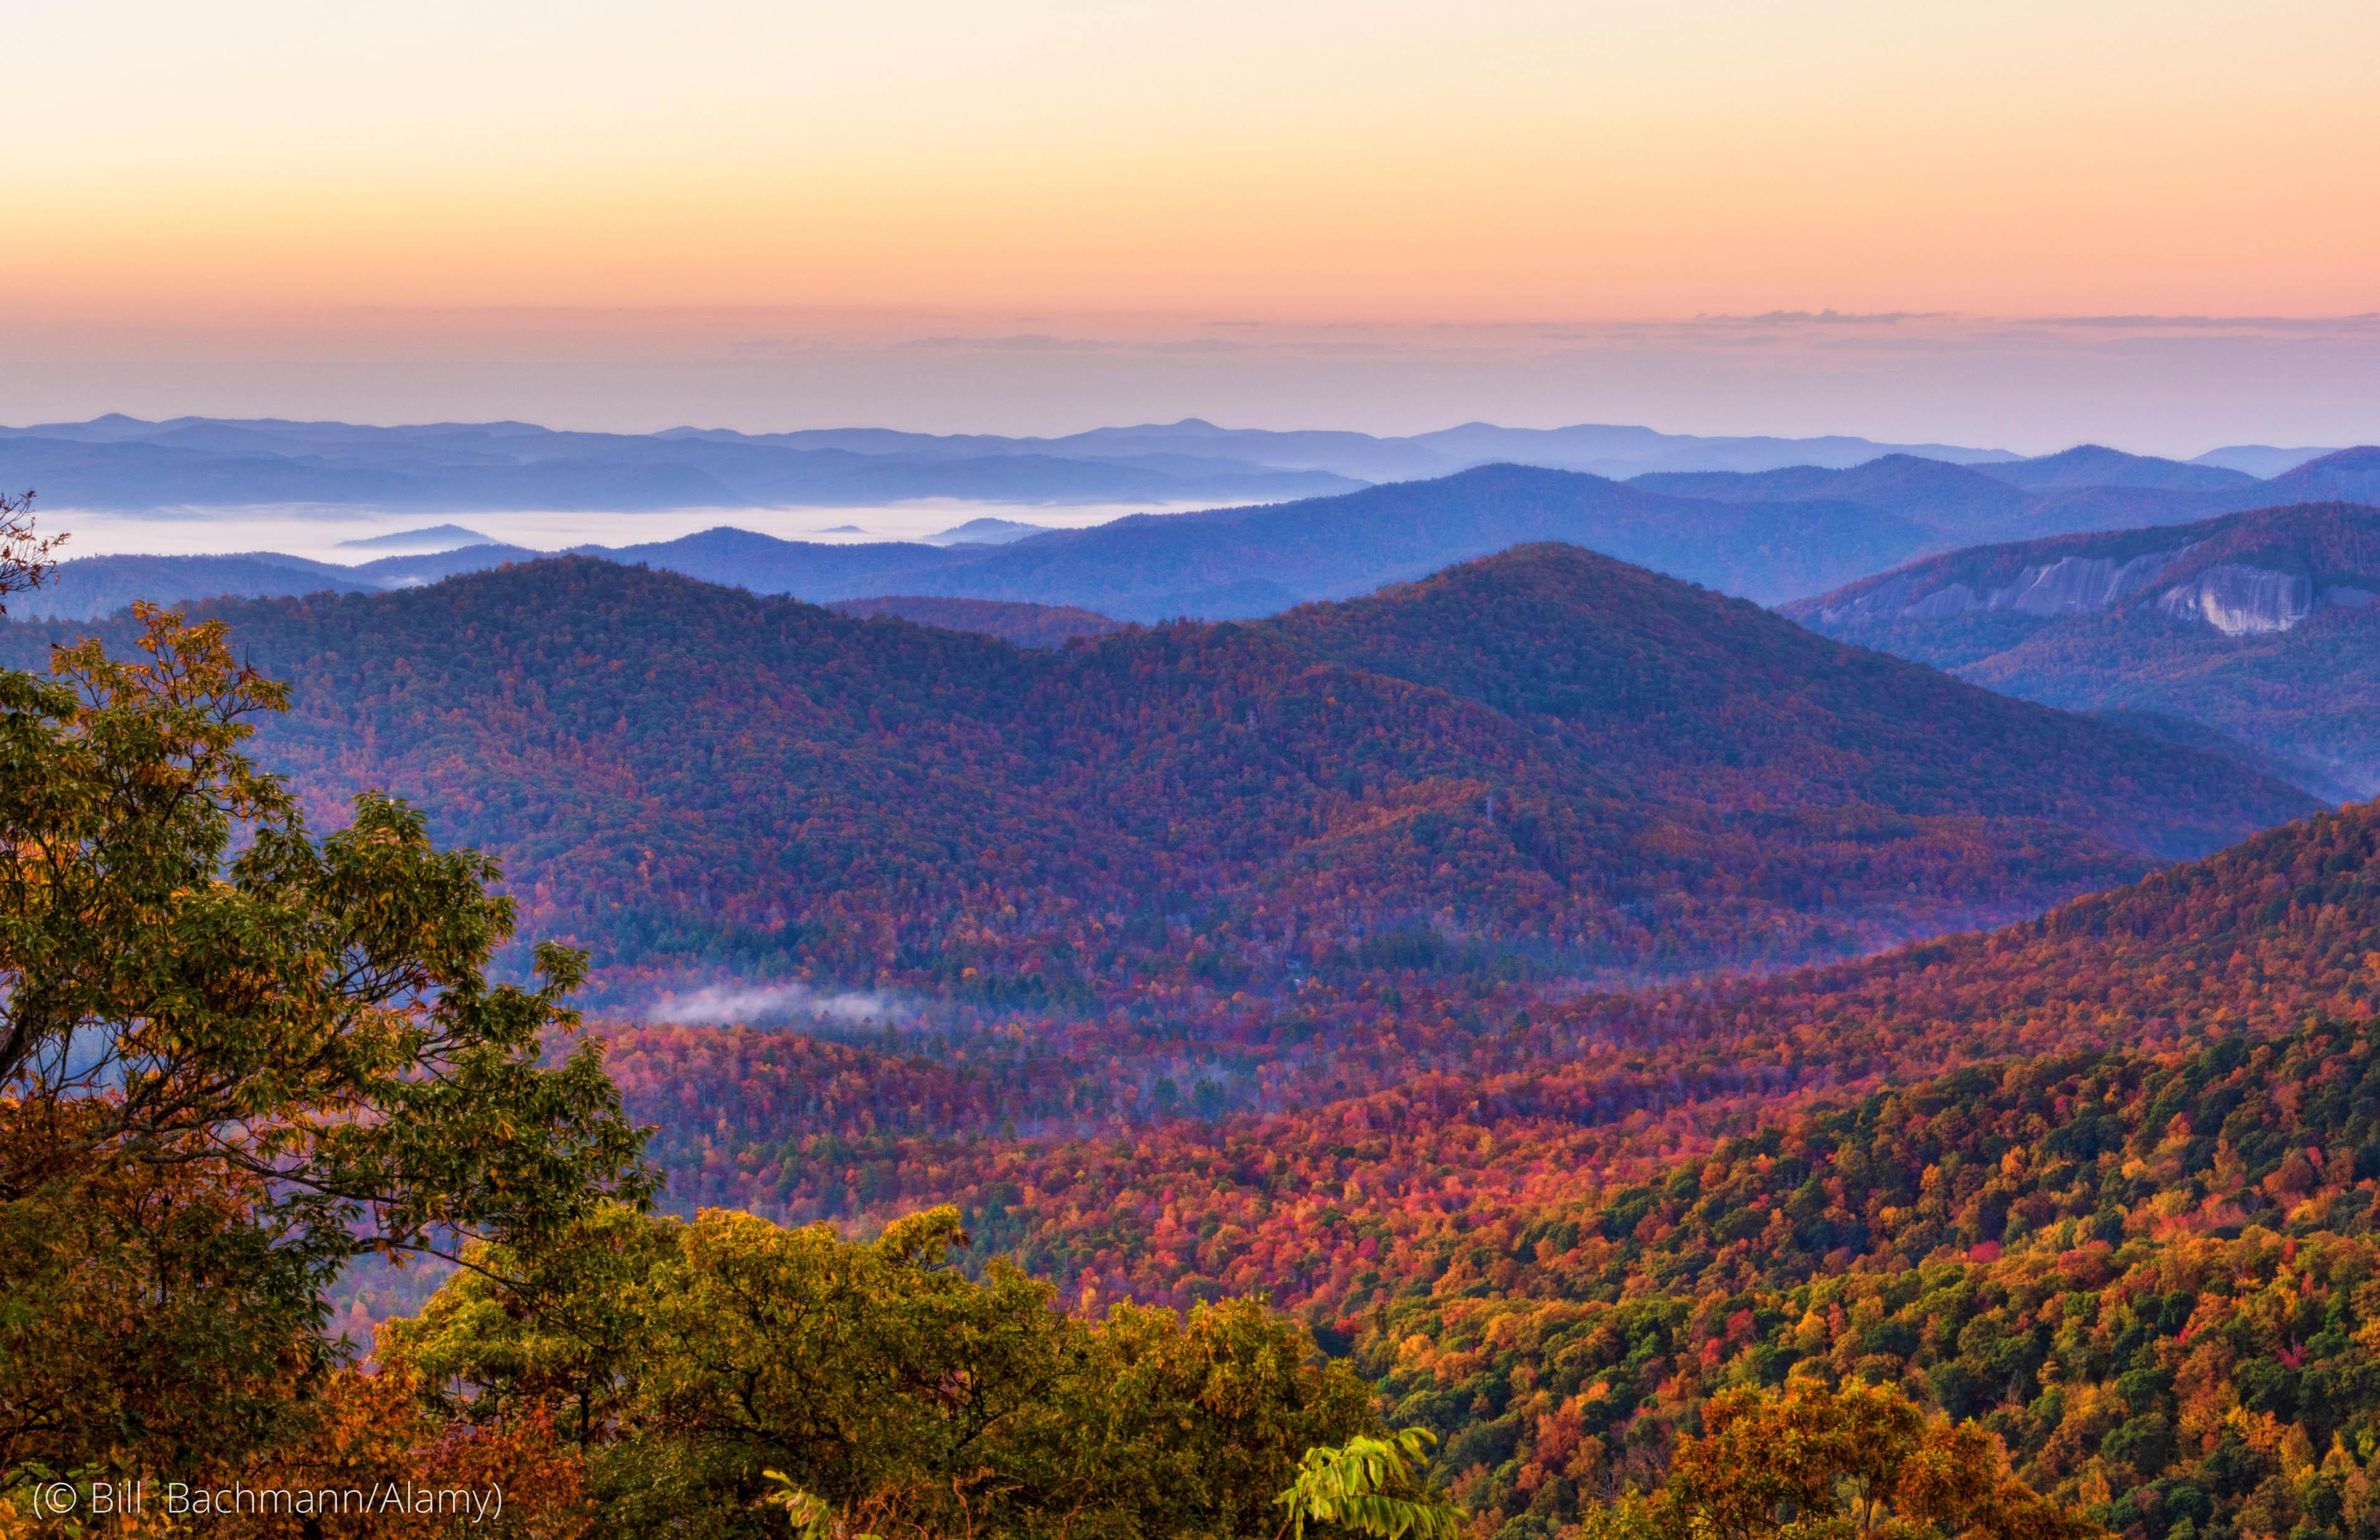 Montanhas cobertas de árvores e névoa (© Bill Bachmann/Alamy)